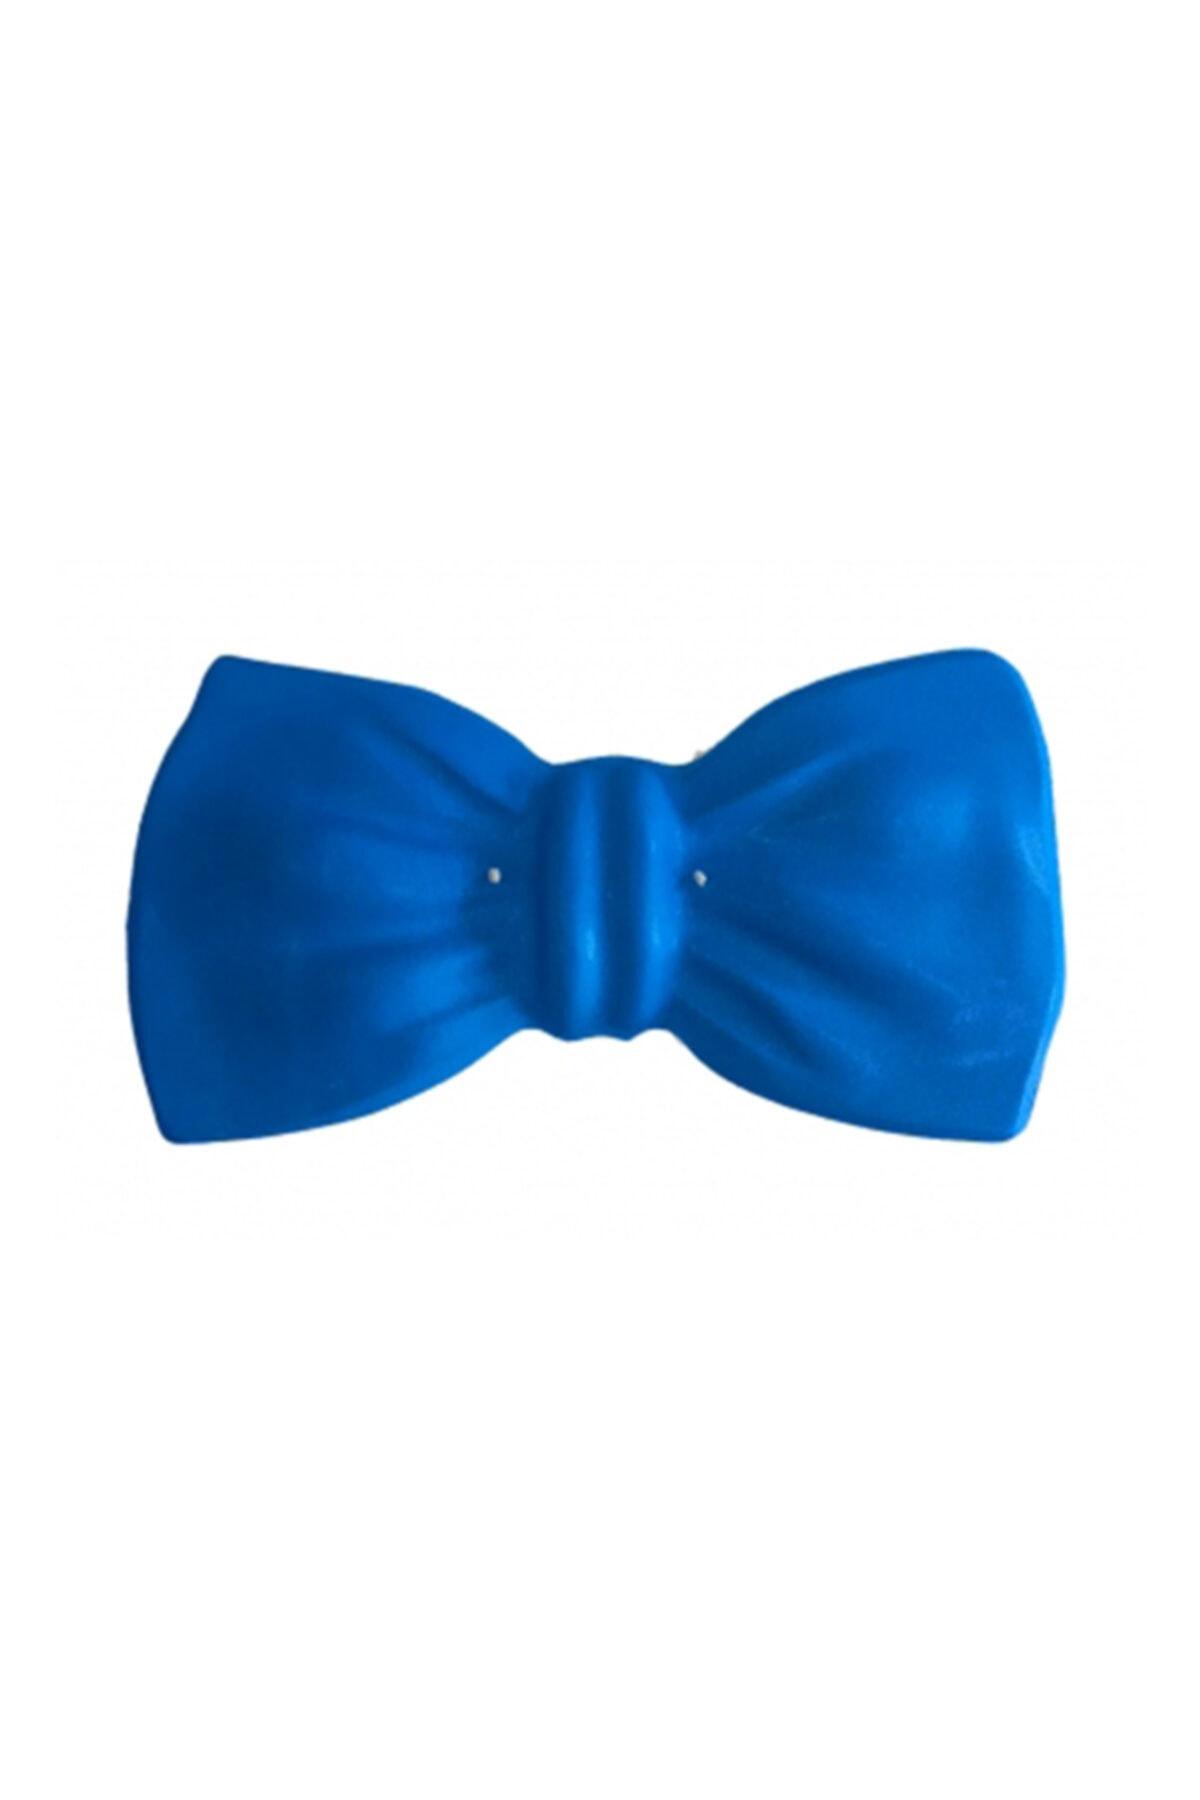 پاپیون طرح دار برند MİRGE رنگ آبی کد ty107727711